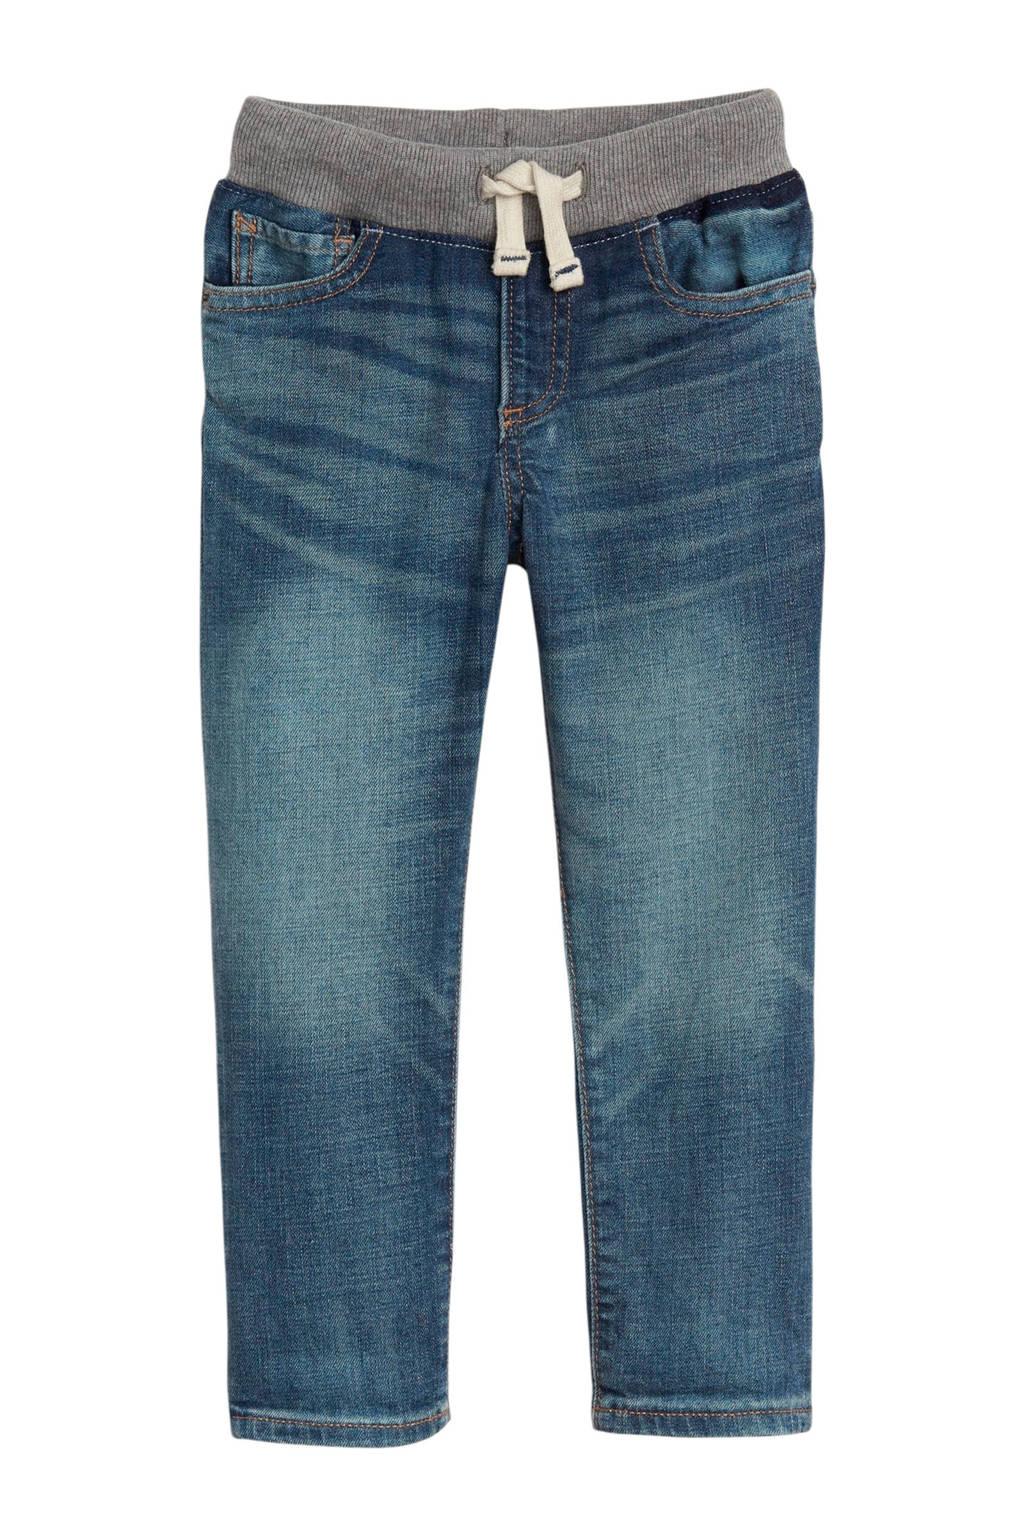 GAP slim fit jeans stonewashed, Stonewashed